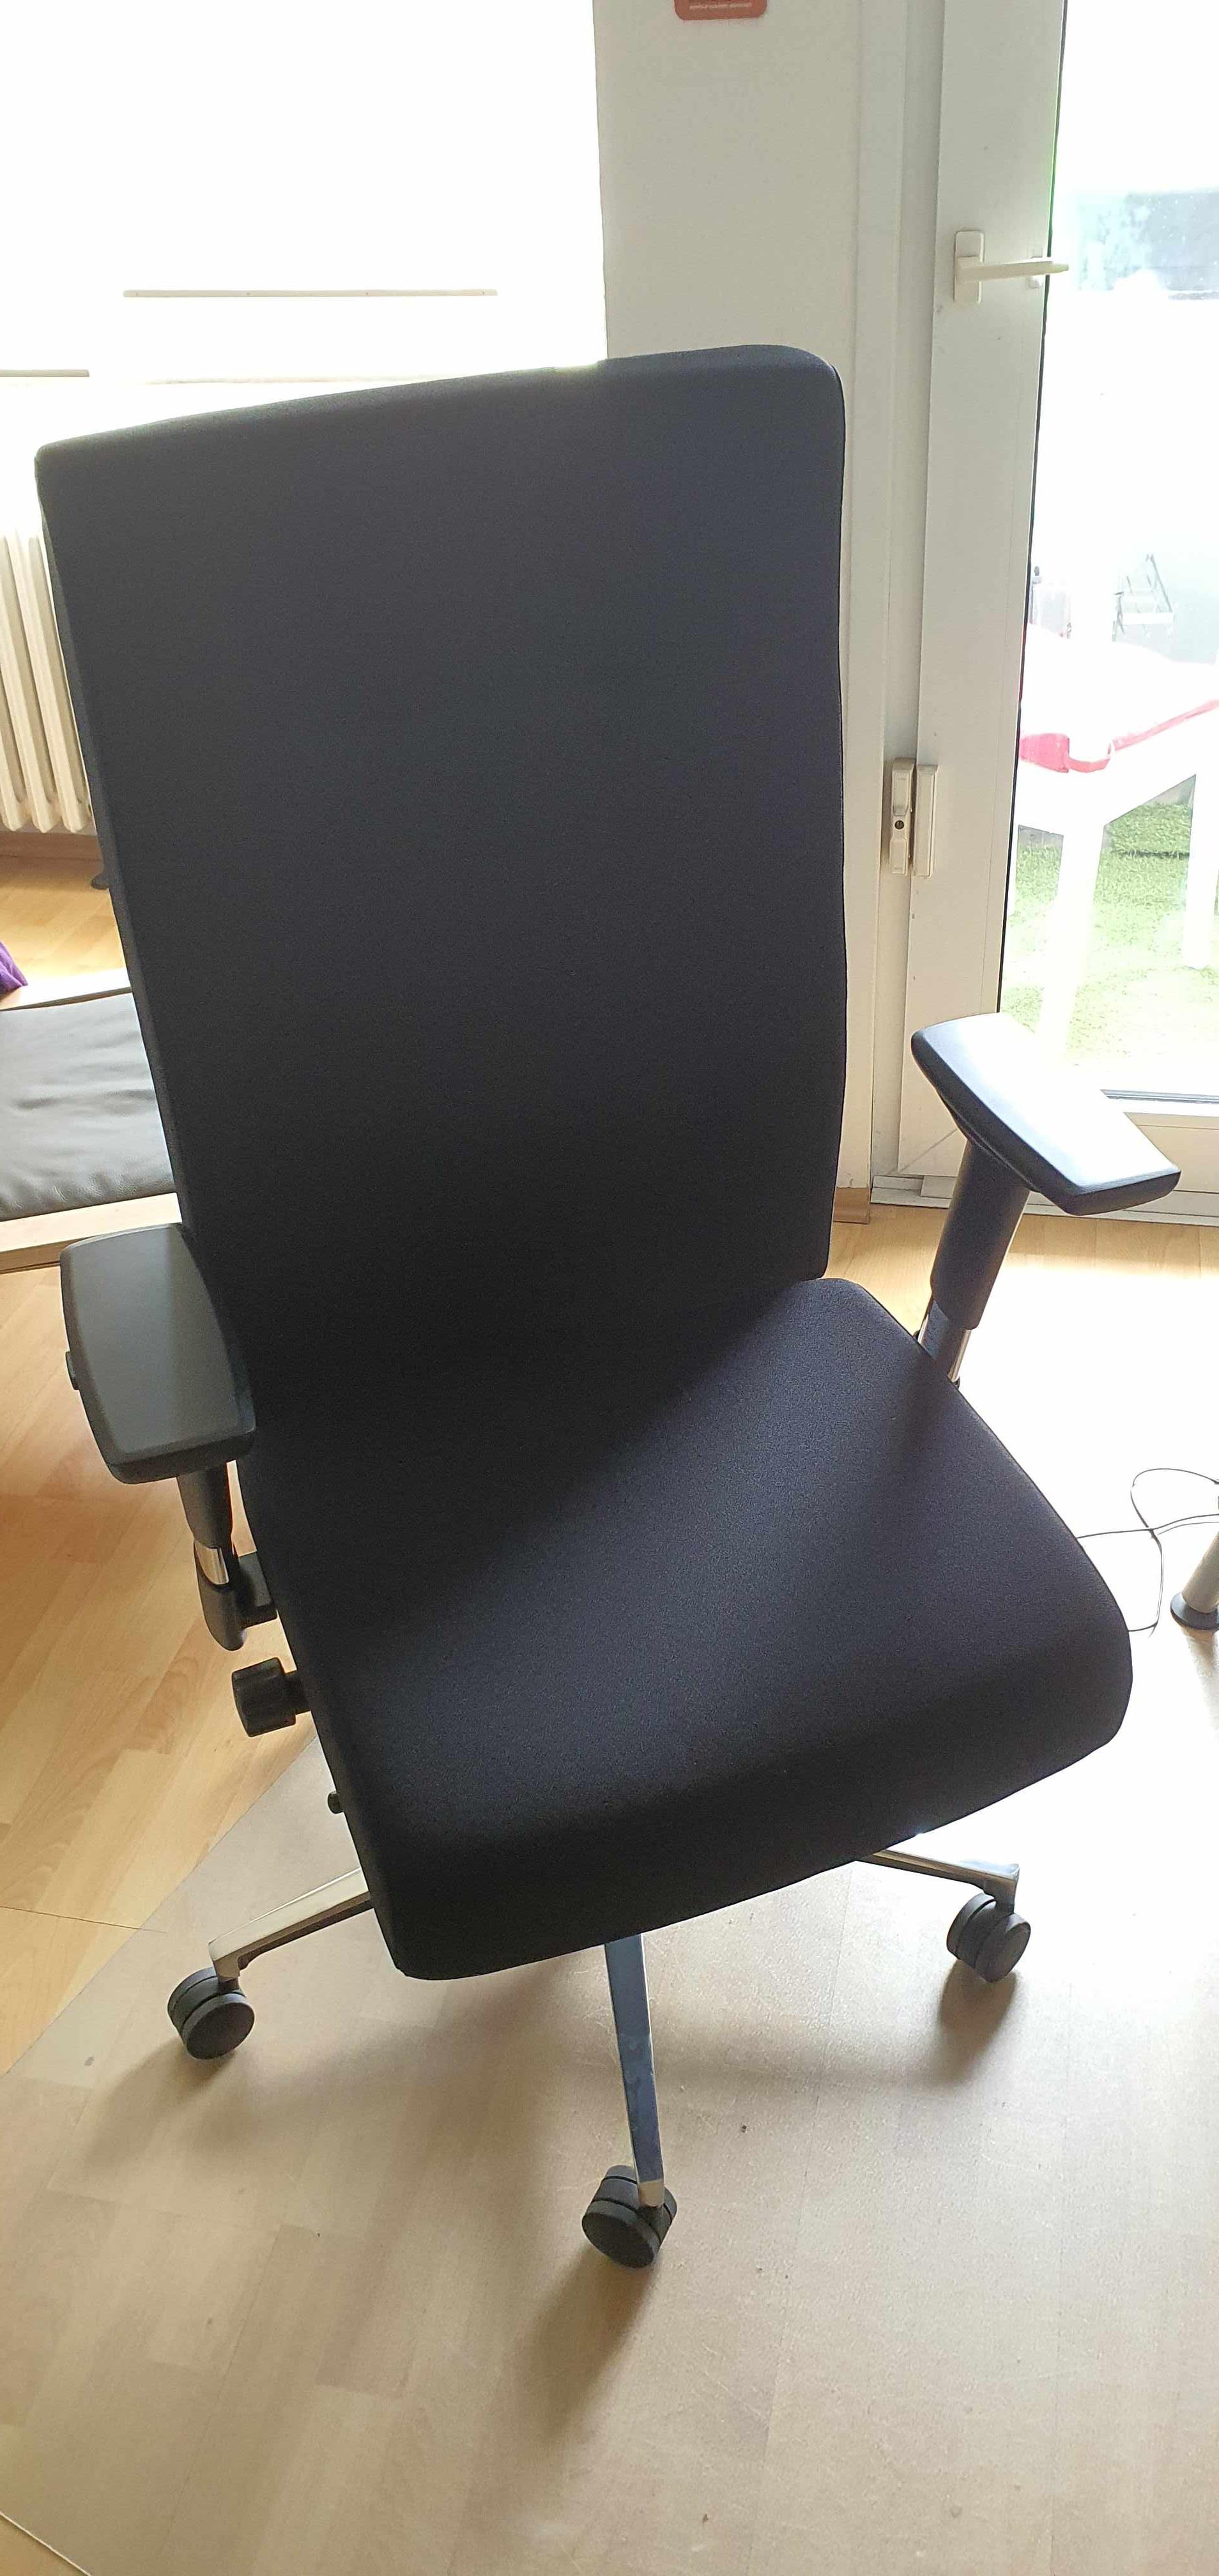 Mein neuer Bürostuhl